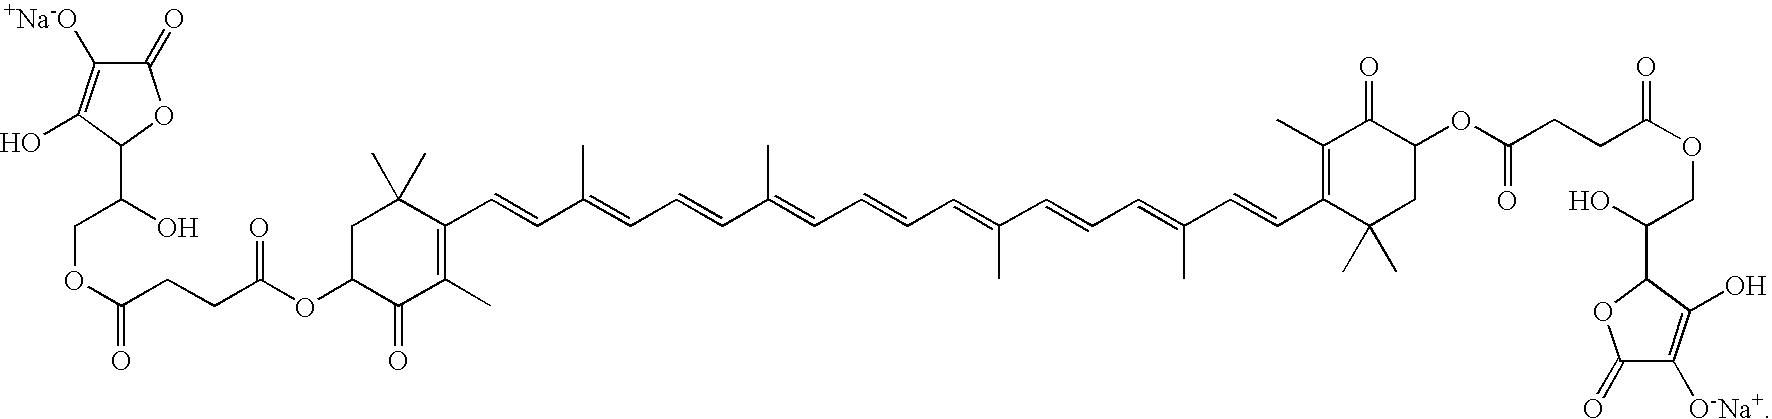 Figure US07145025-20061205-C00079